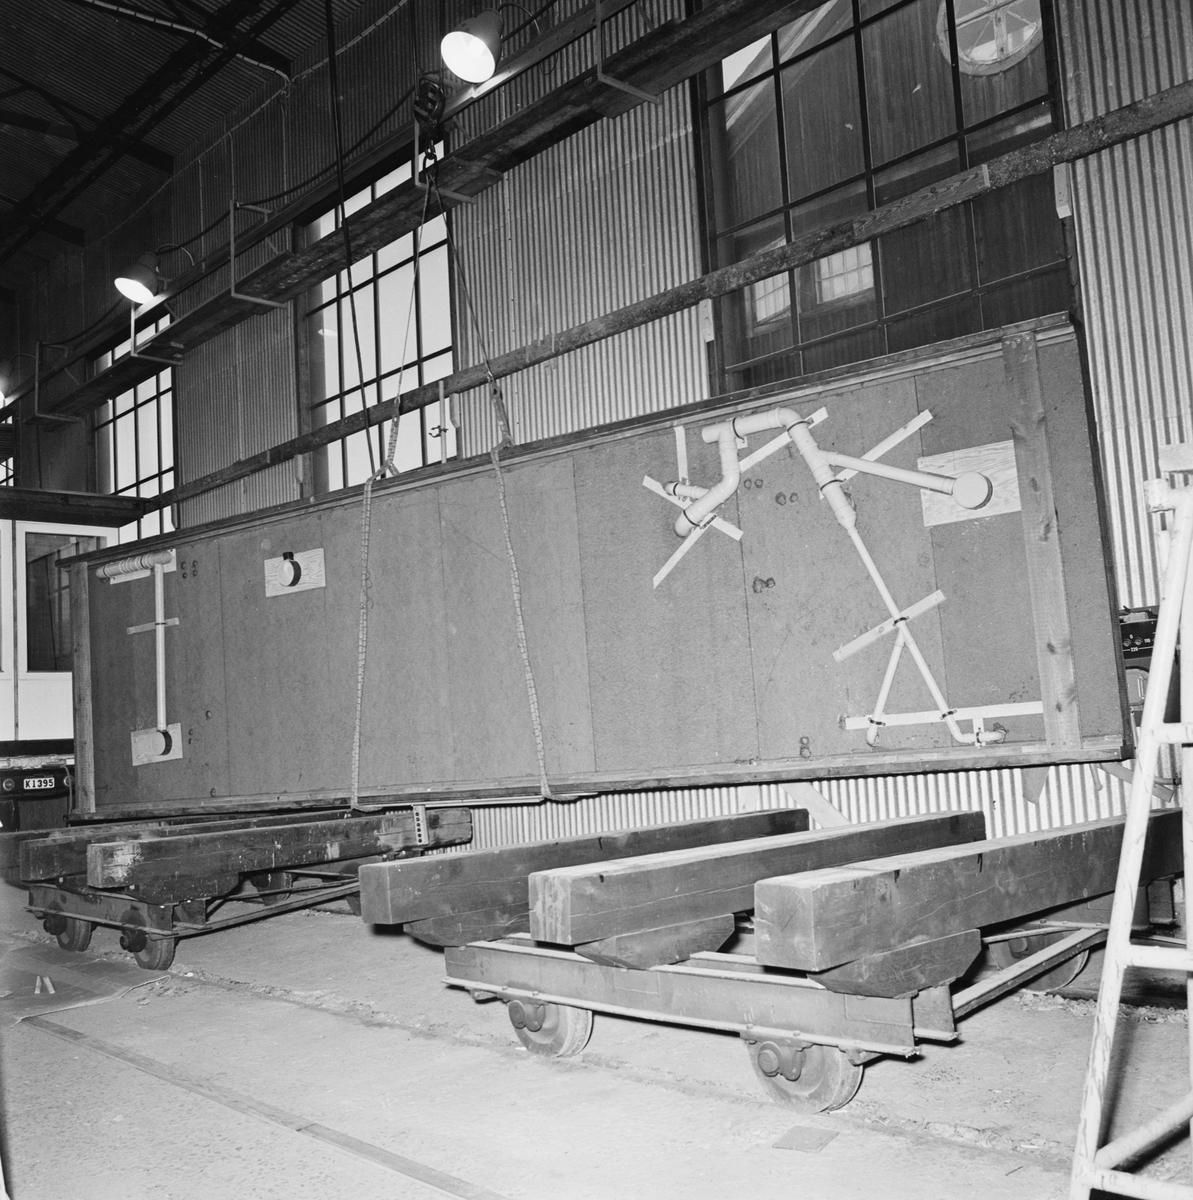 Övrigt: Foto datum: 29/12 1965 Byggnader och kranar Provelement. Närmast identisk bild: V33794, ej skannad